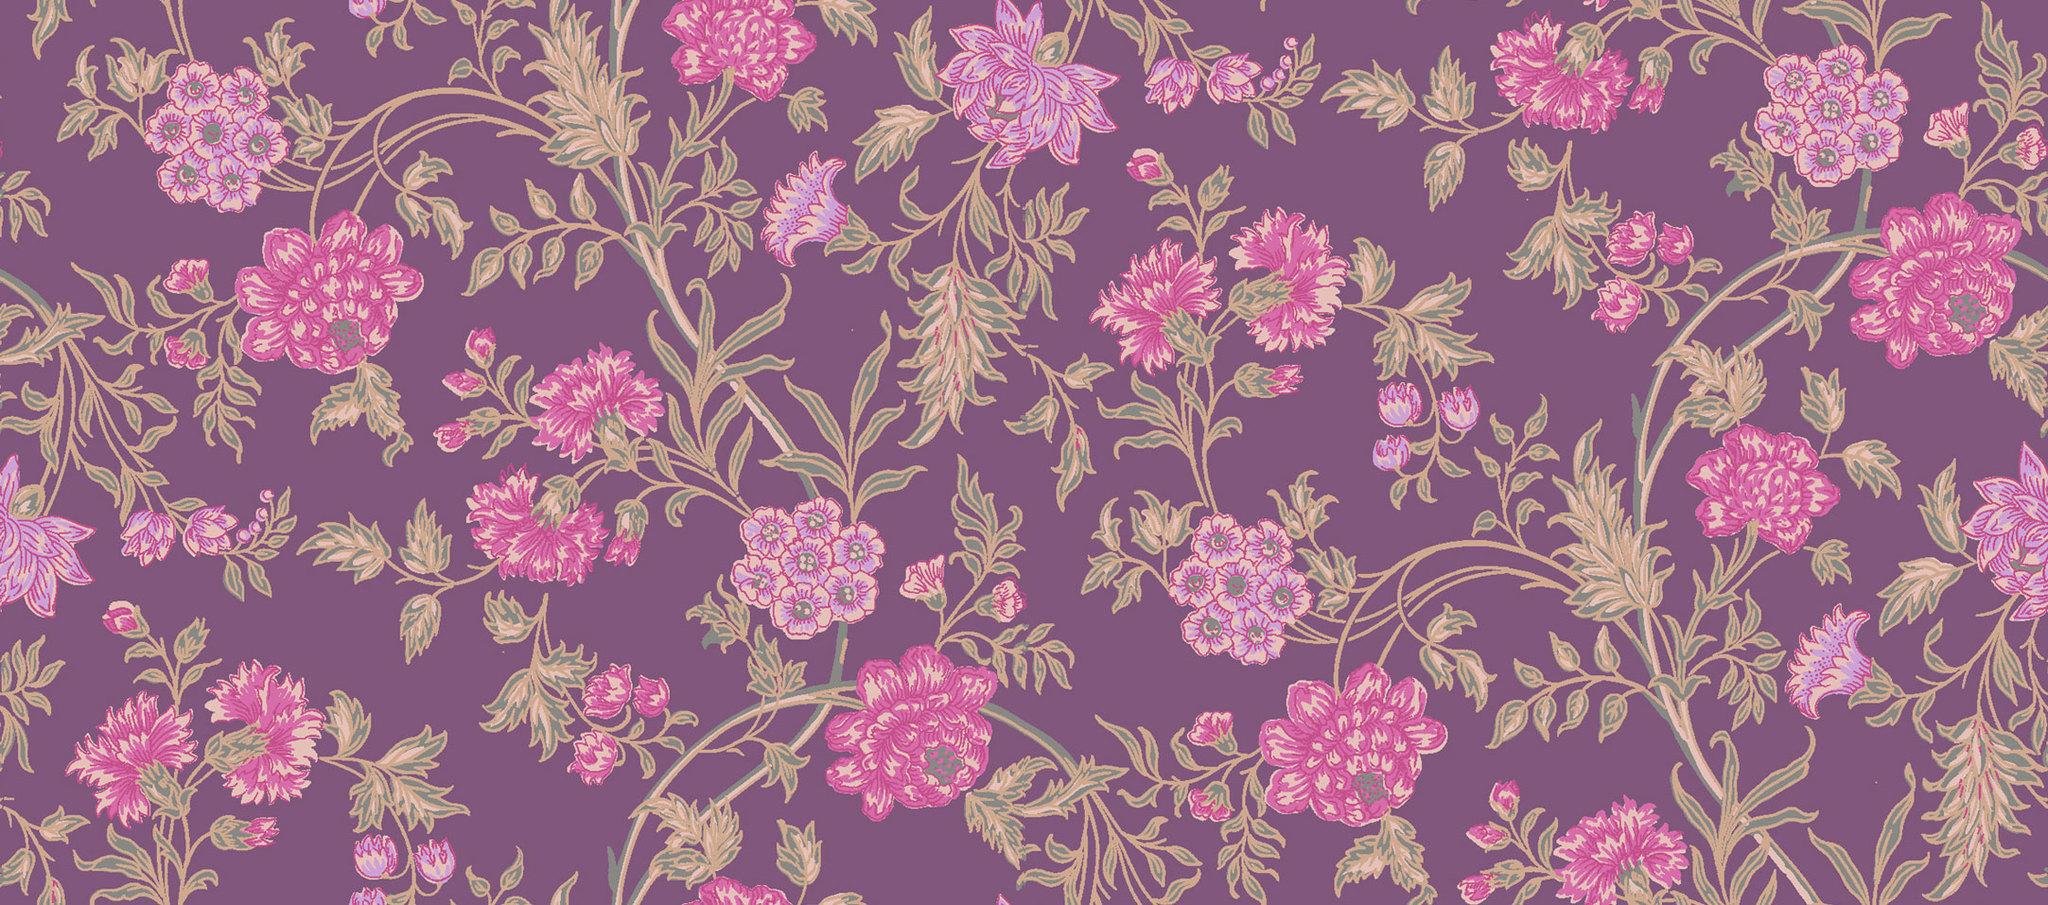 Обои Cole & Son Collection of Flowers 81/15066, интернет магазин Волео